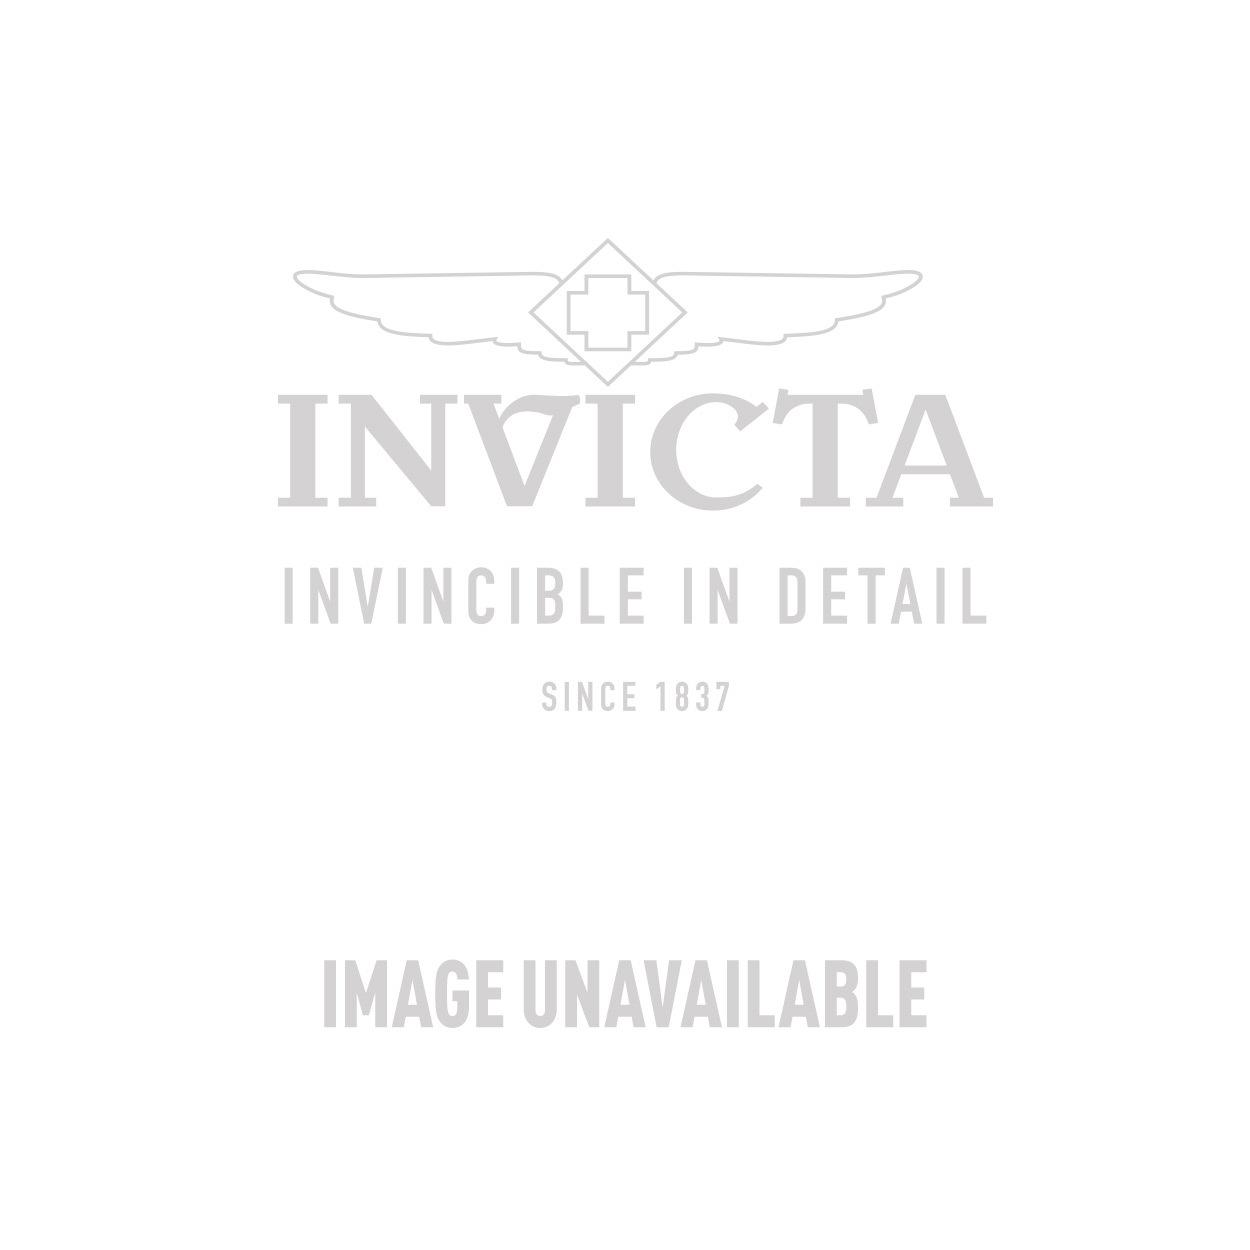 Invicta Model 27761